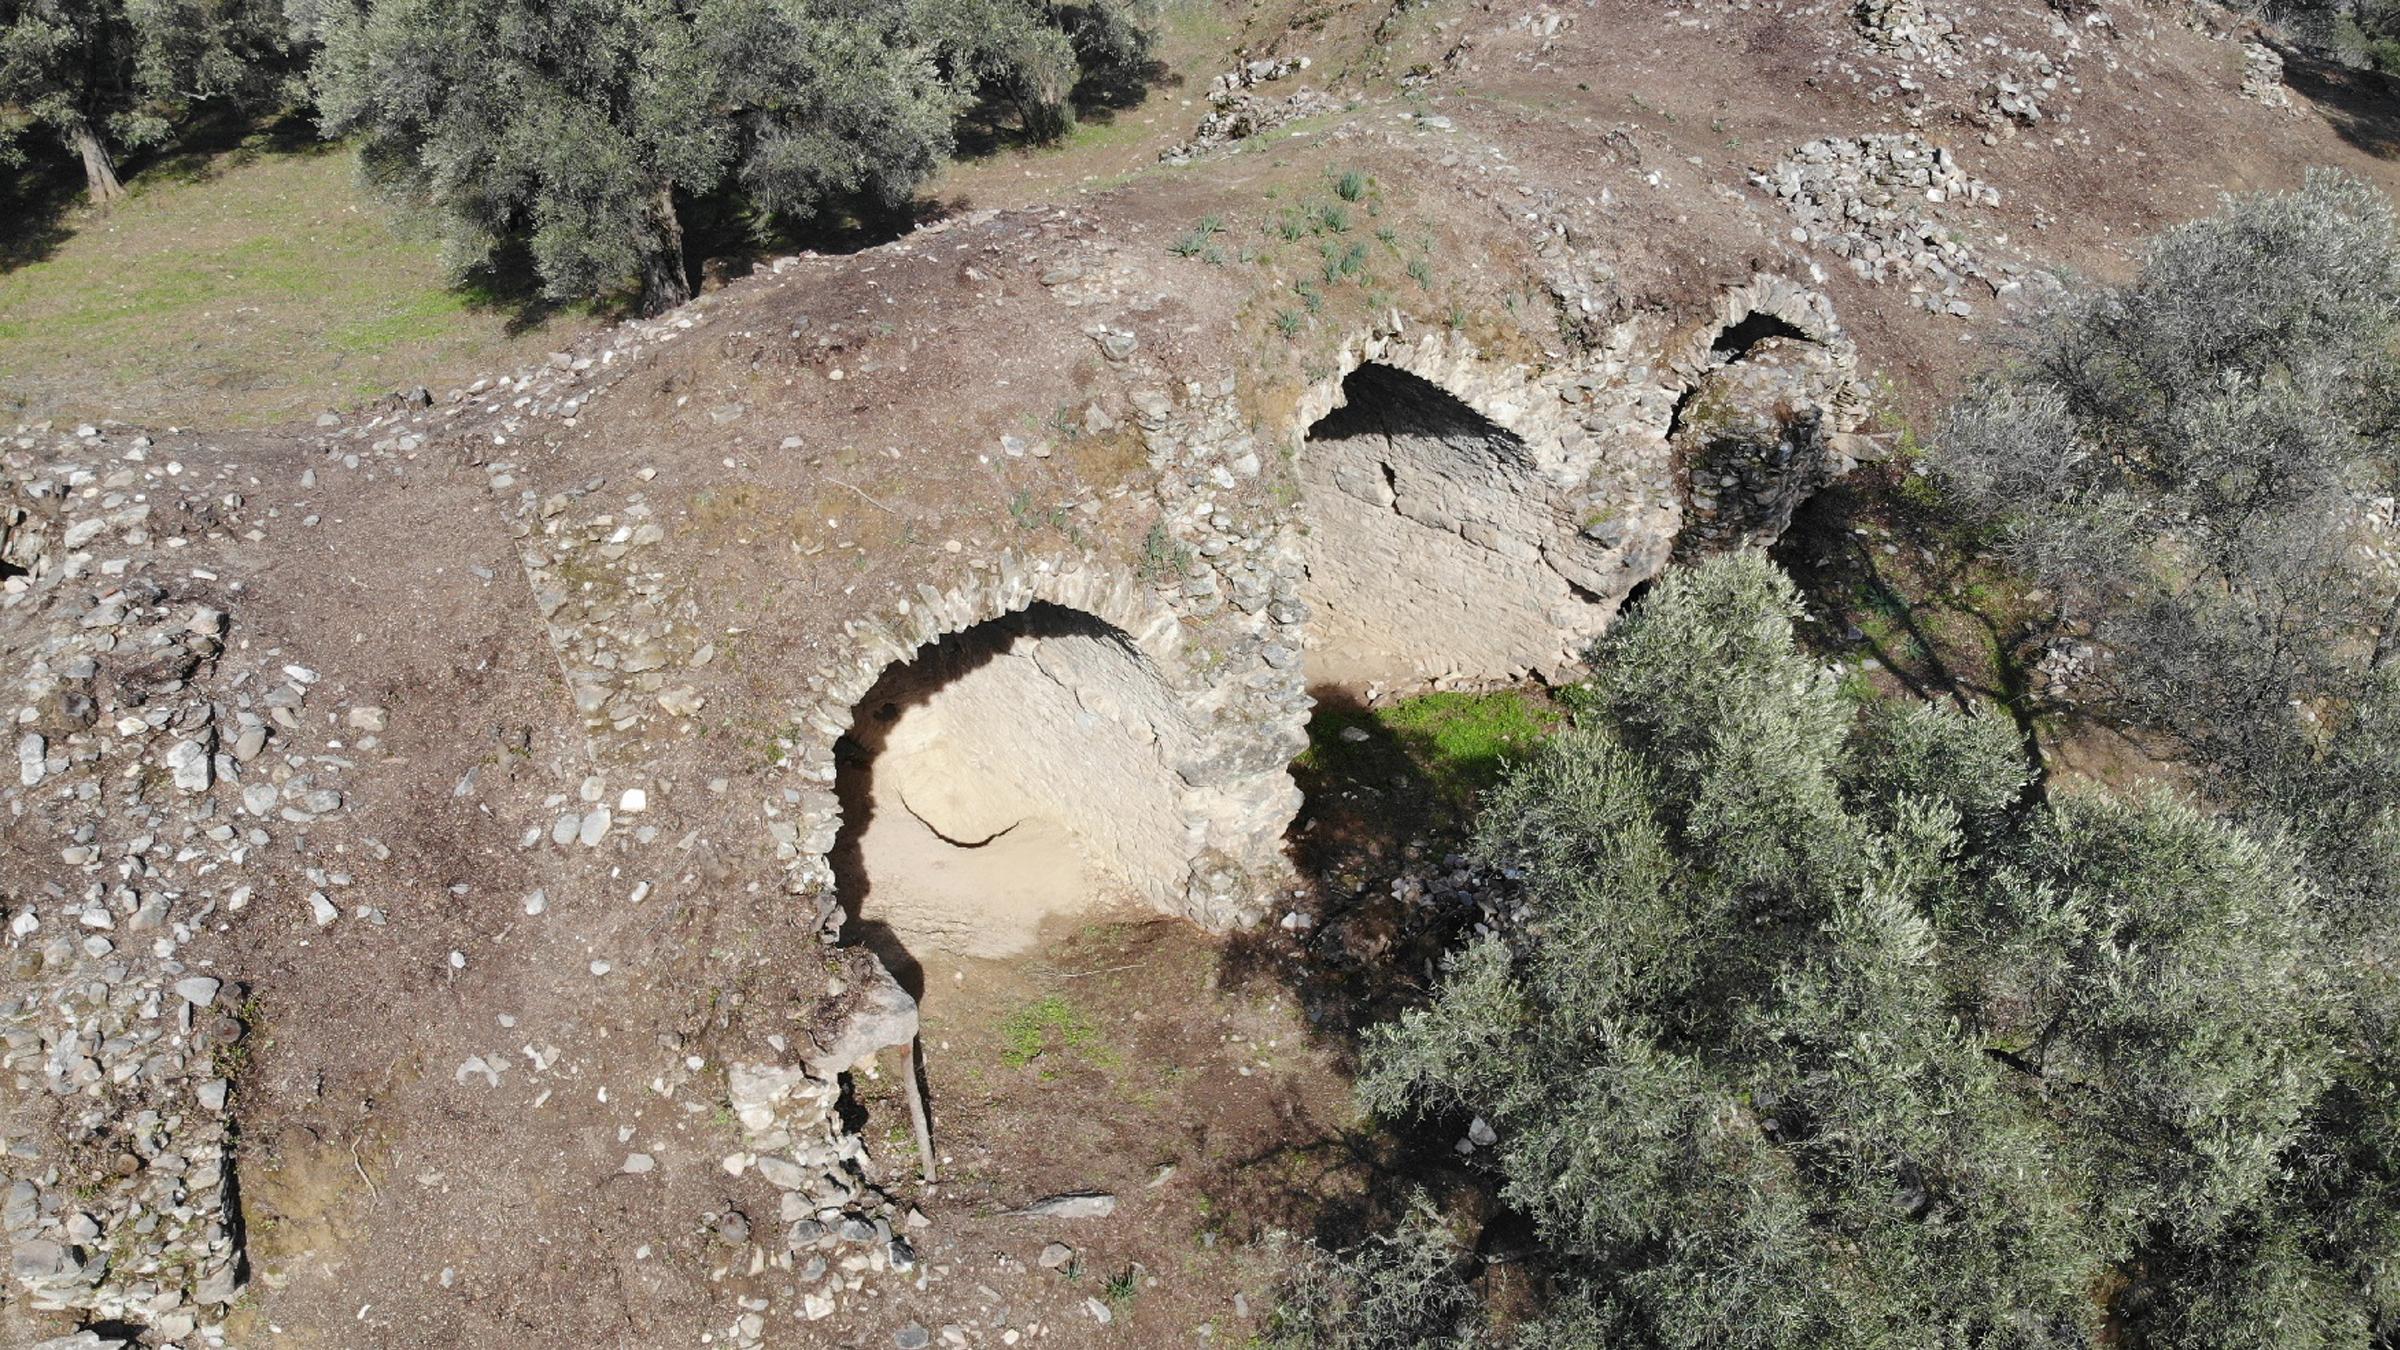 Les arches de l'arène vieille de 1 800 ans sont toujours debout.